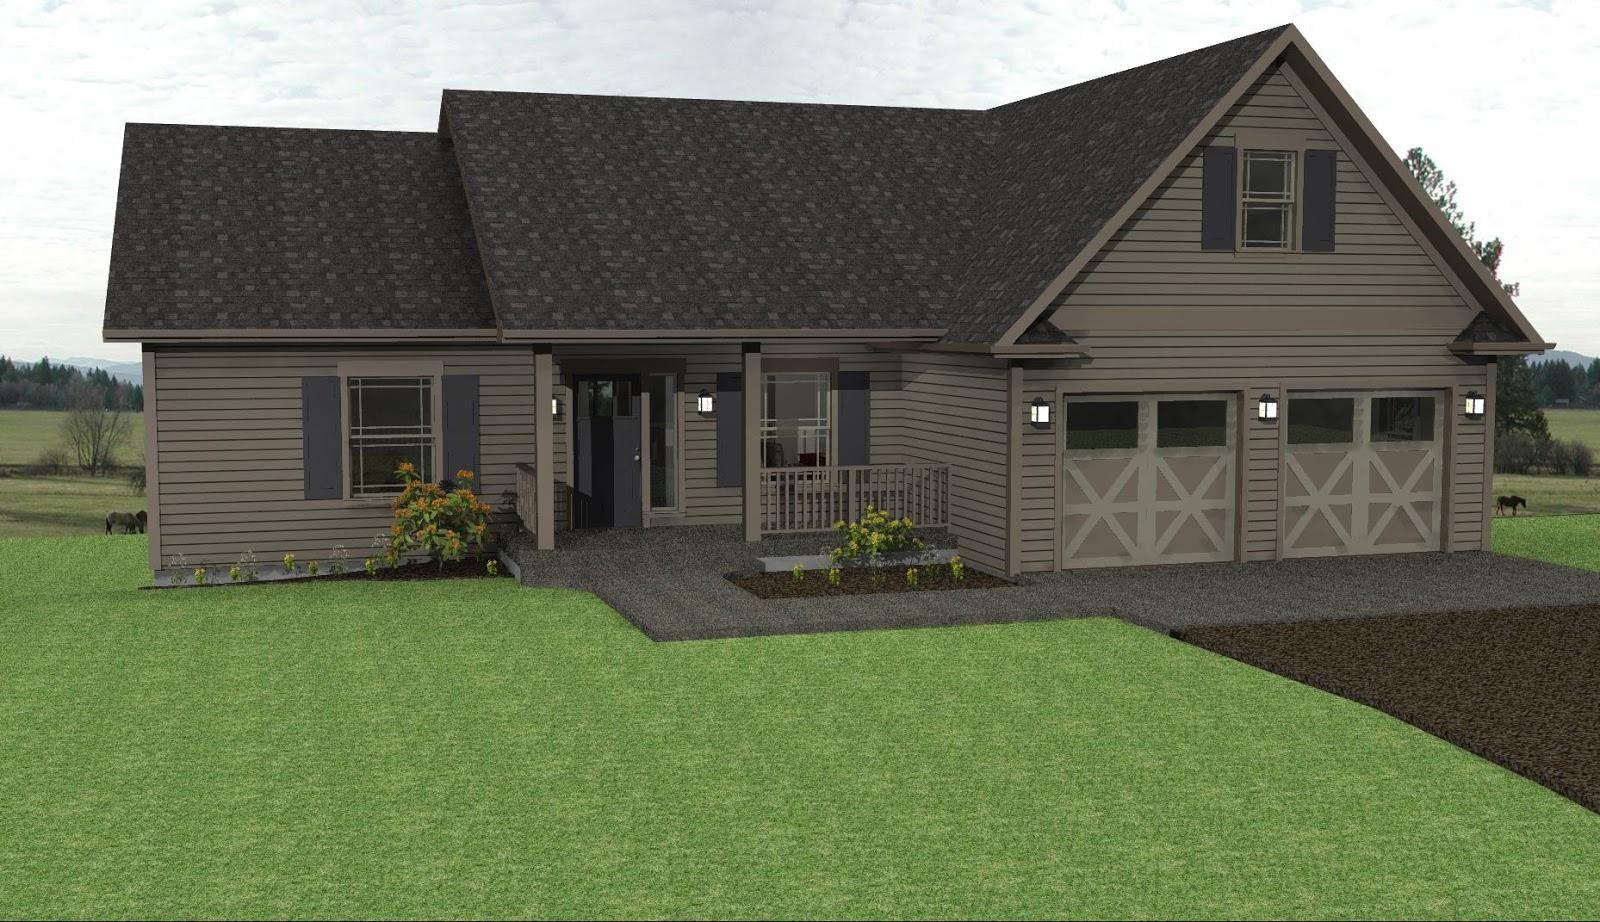 Descargar planos de casas y viviendas gratis fotos de for Casas de madera estilo americano